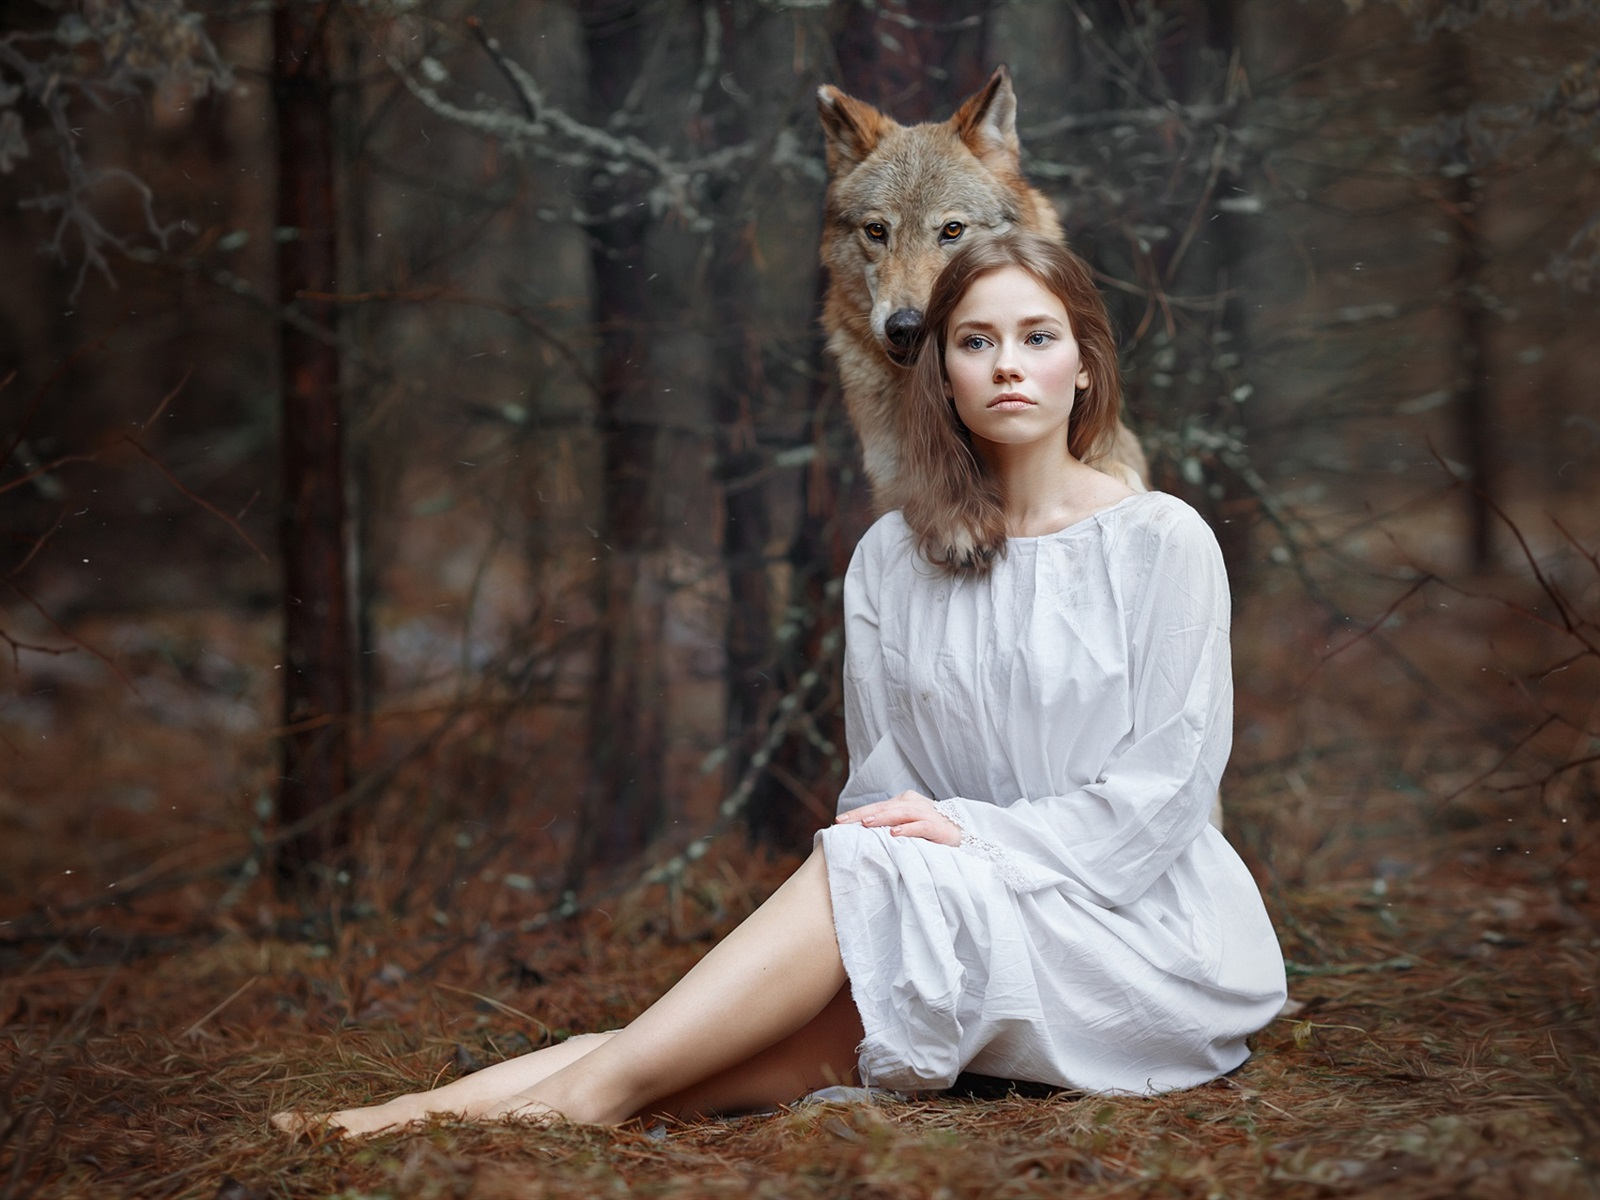 Работать, картинки волки и девушки осень